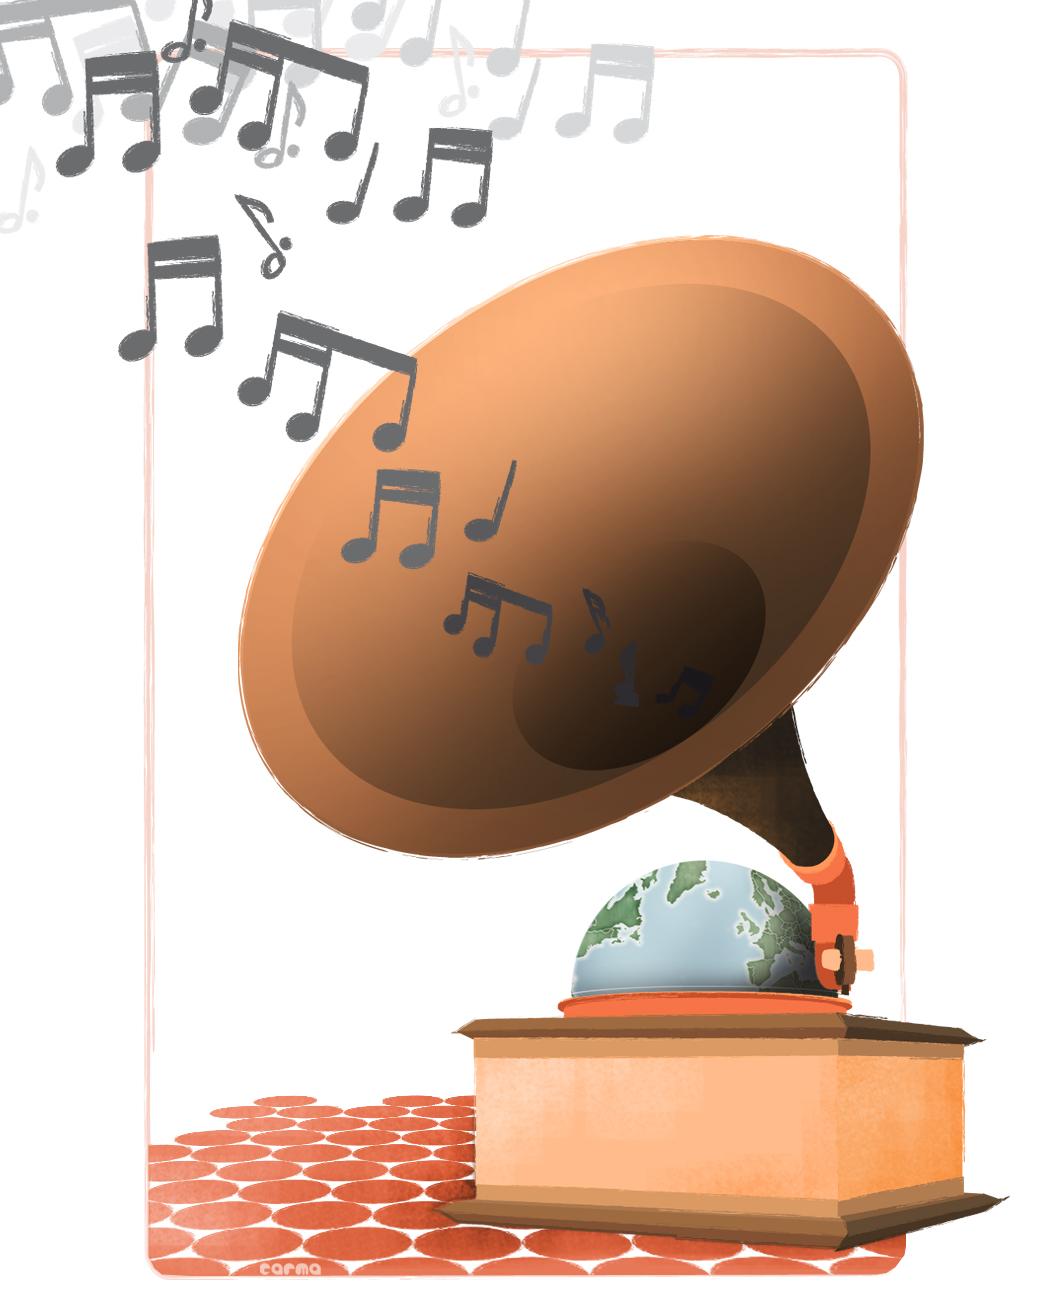 e3acda04e1 El 21 de junio se celebra el Día de la Música / Ilustraciones ...